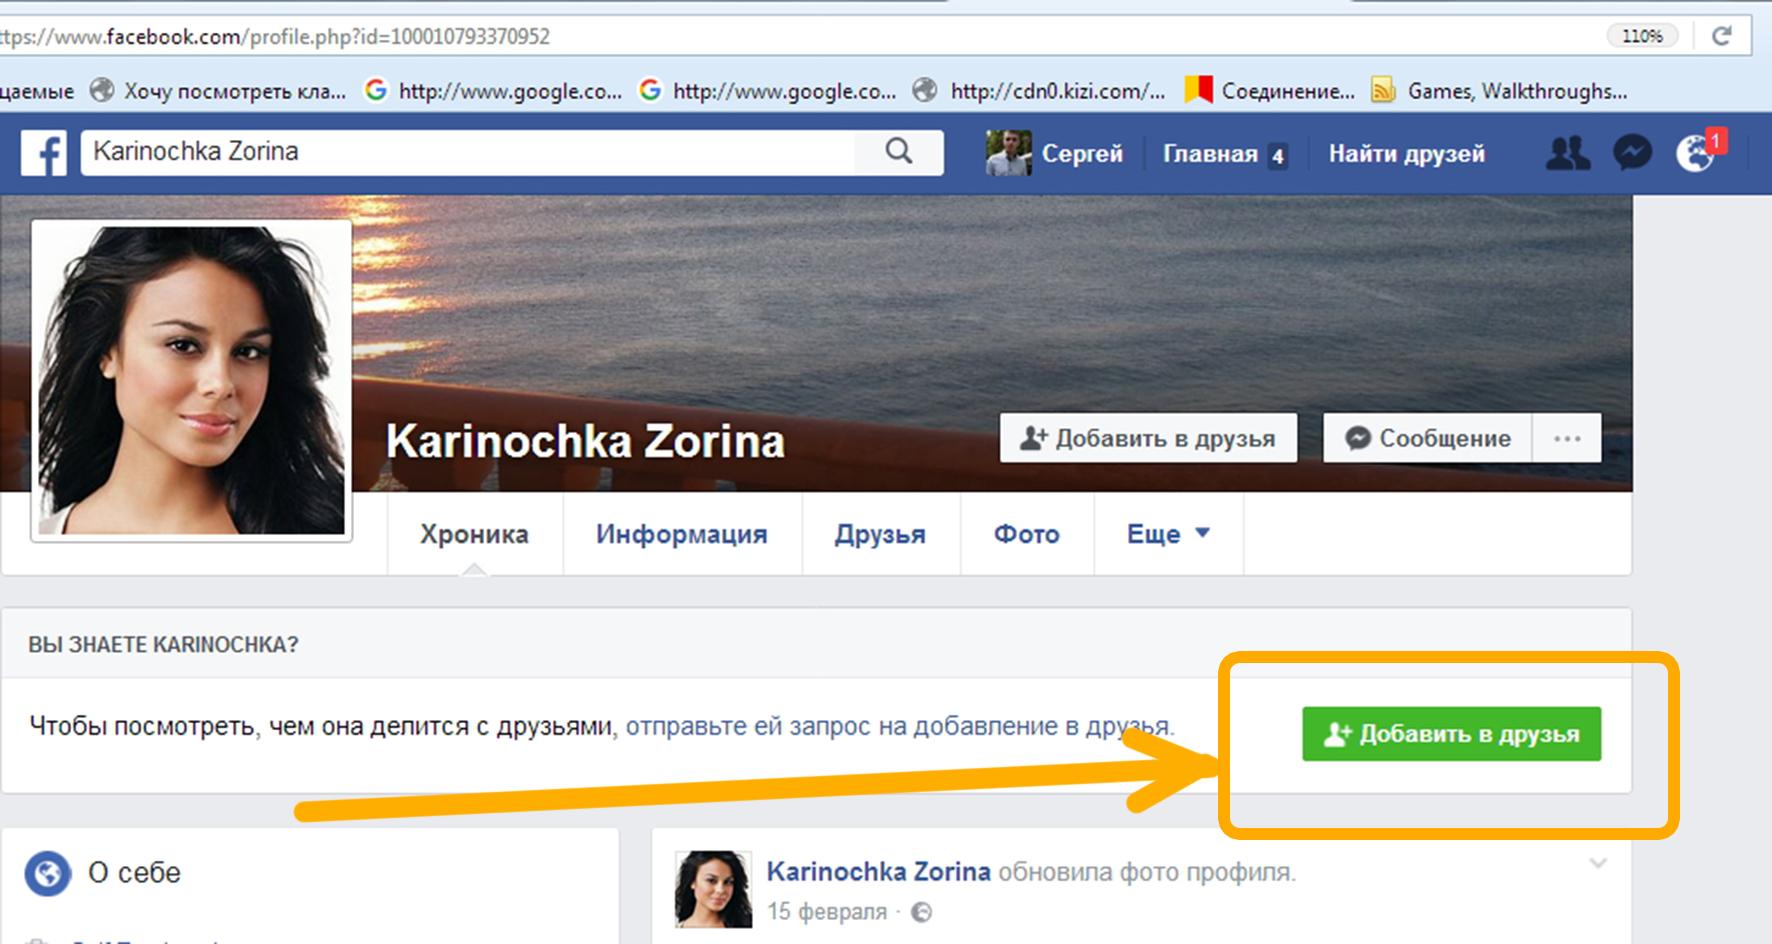 Внешний вид профиля пользователя в Фейсбук и обведенная квадратом кнопка, нажав на которую, можно добавить в друзья.